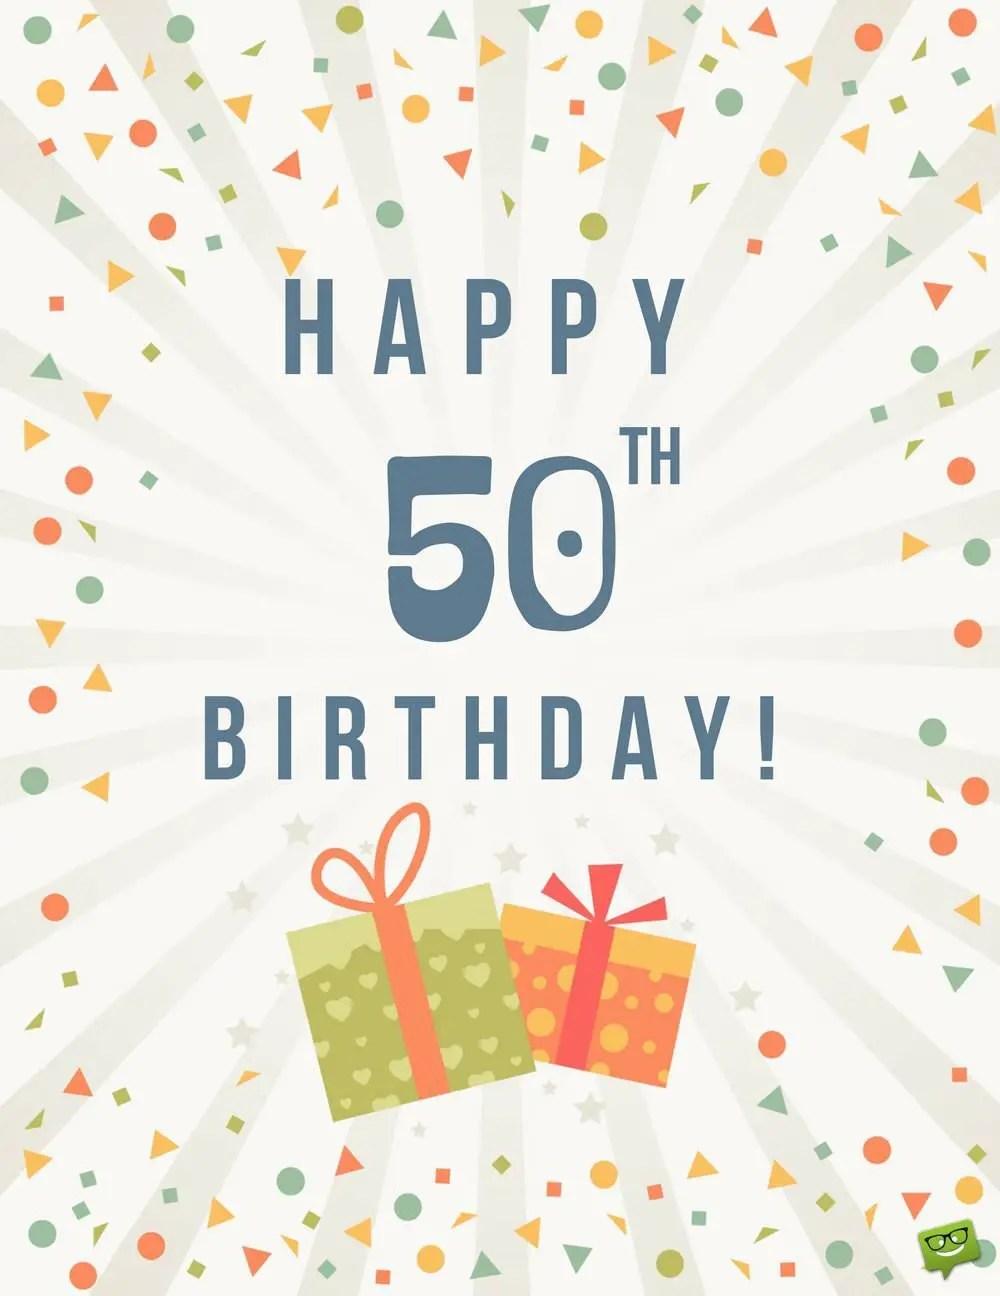 Comfy Happy Birthday 50 Sister Happy Birthday 50 Cent Meme Happy Happy Birthday Ny Wishes gifts Happy Birthday 50